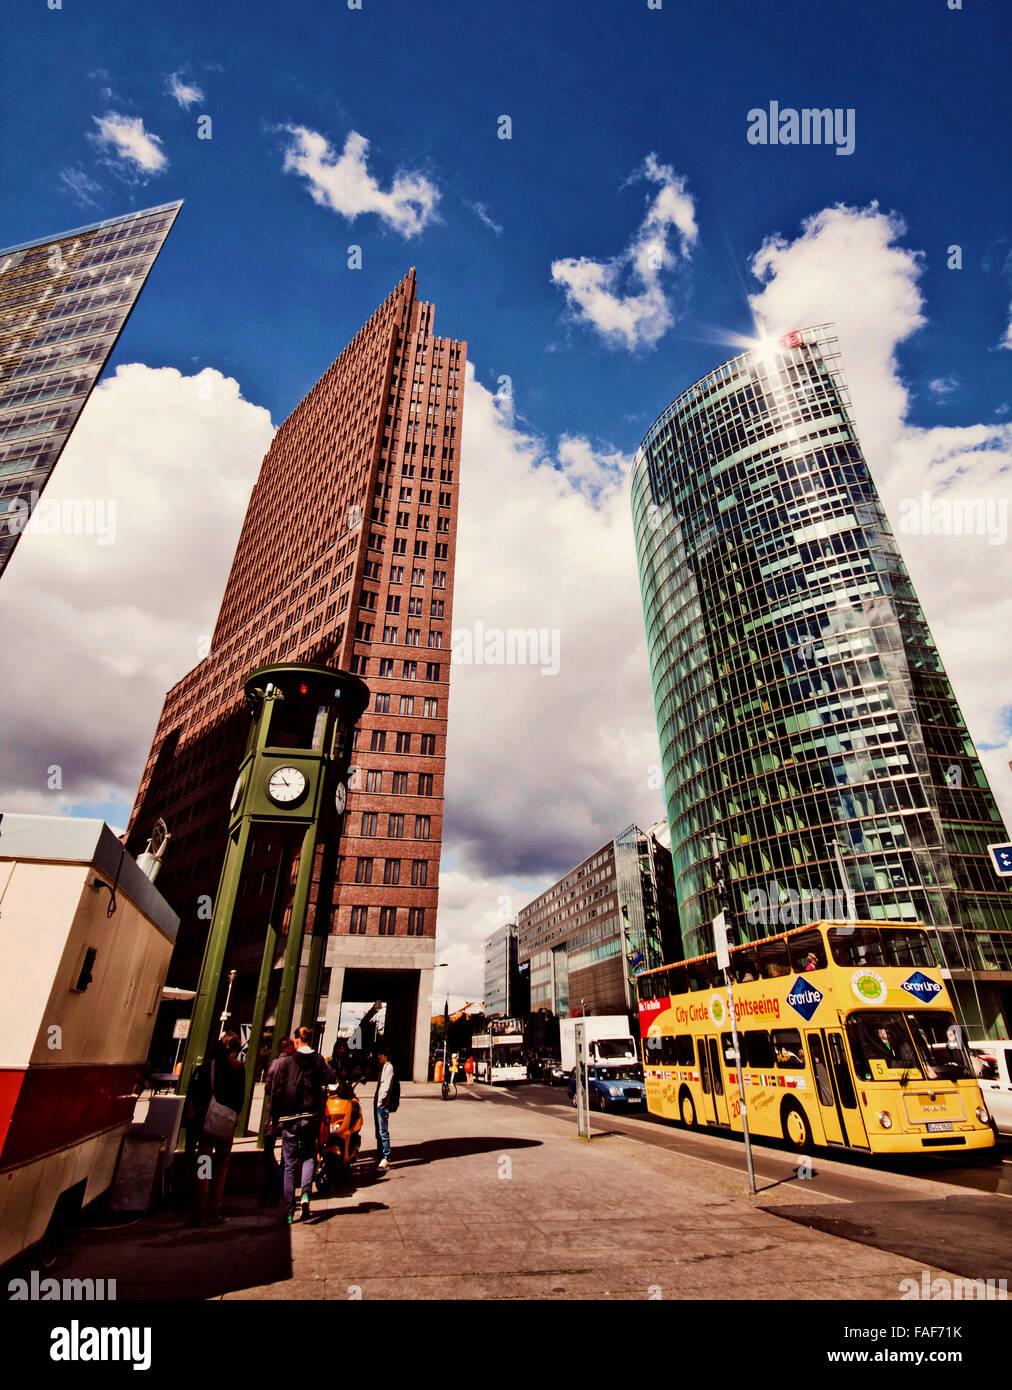 Berlin Deutschland Futuristische Architektur Am Potsdamer Platz